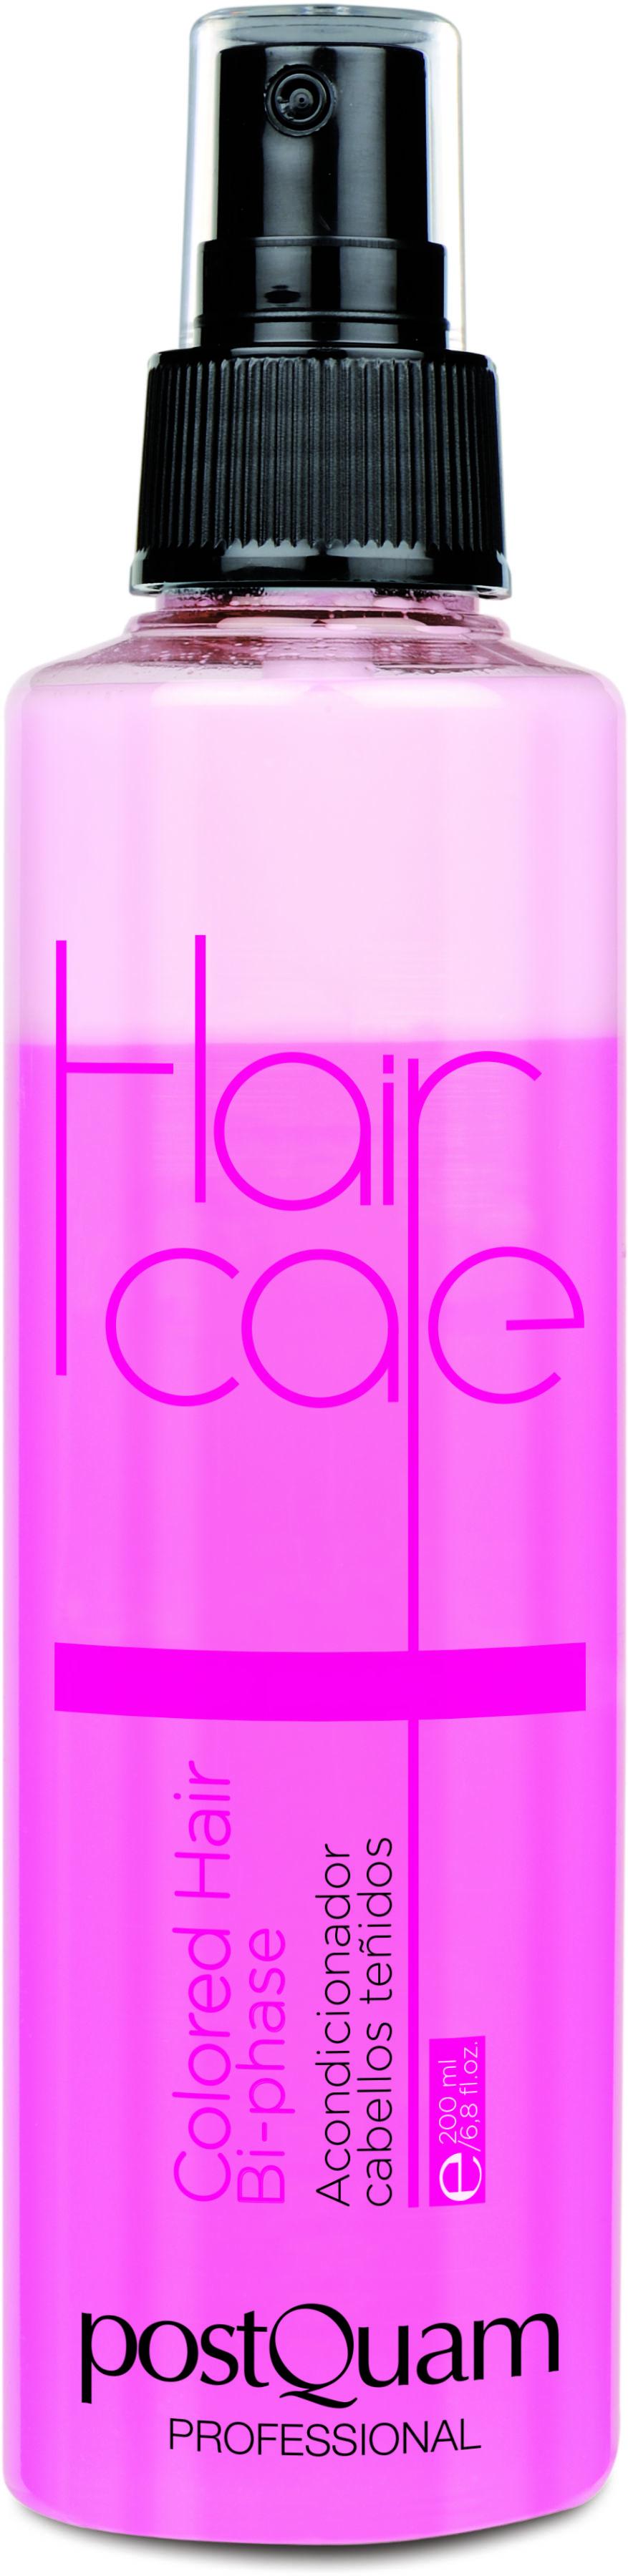 PostQuam odżywka dwufazowa BI-PHASE do włosów farbowanych 200ml